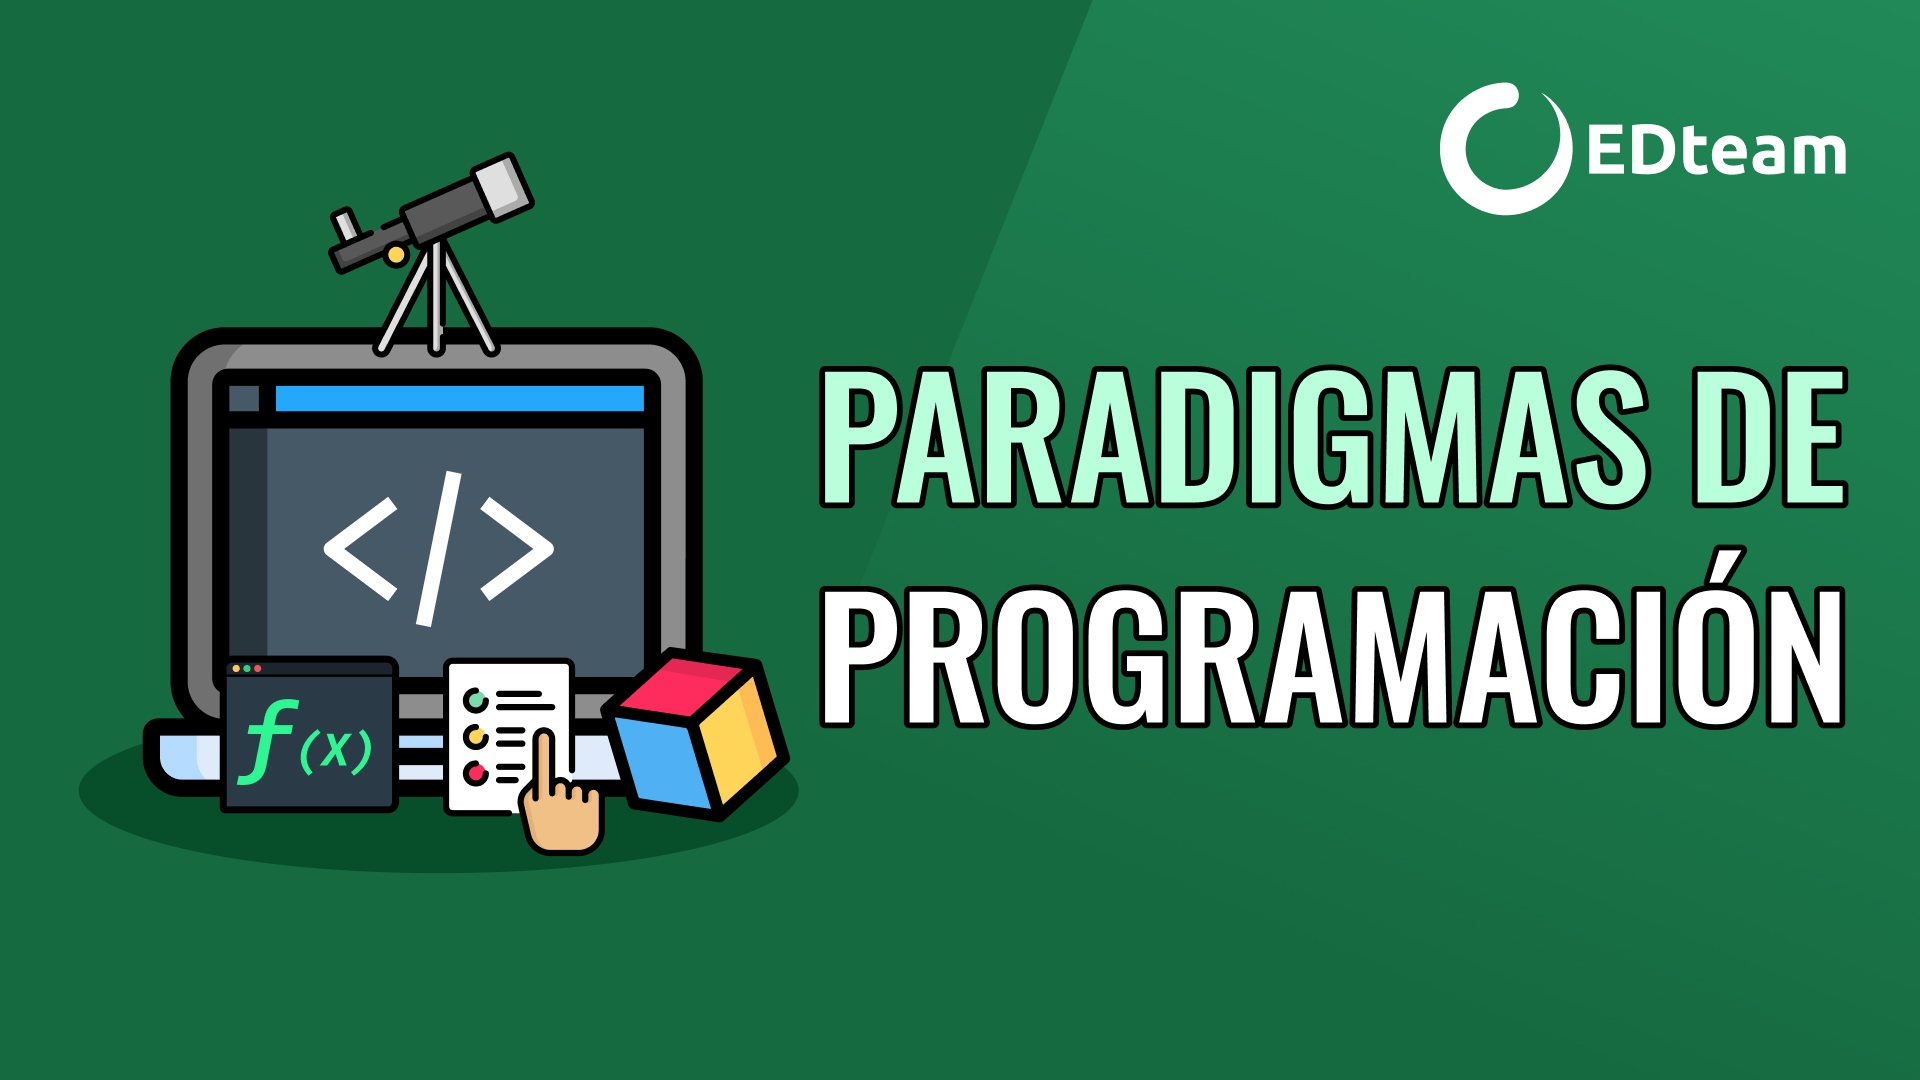 ¿Qué son los paradigmas de programación?